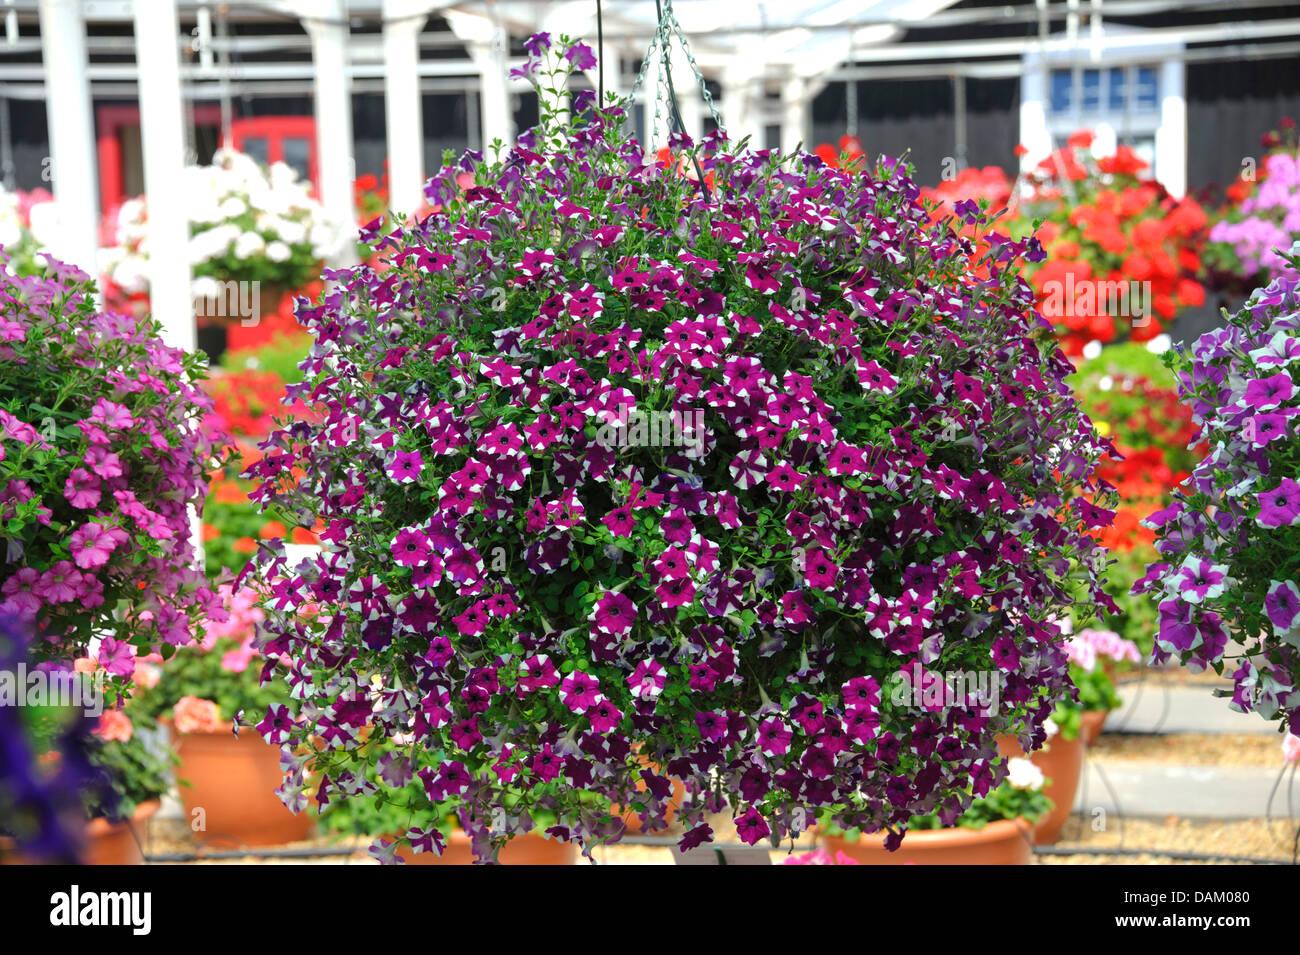 """Giardino (petunia Petunia viola """"Star"""", Petunia Stella viola), cultivar viola Star, fioritura Immagini Stock"""